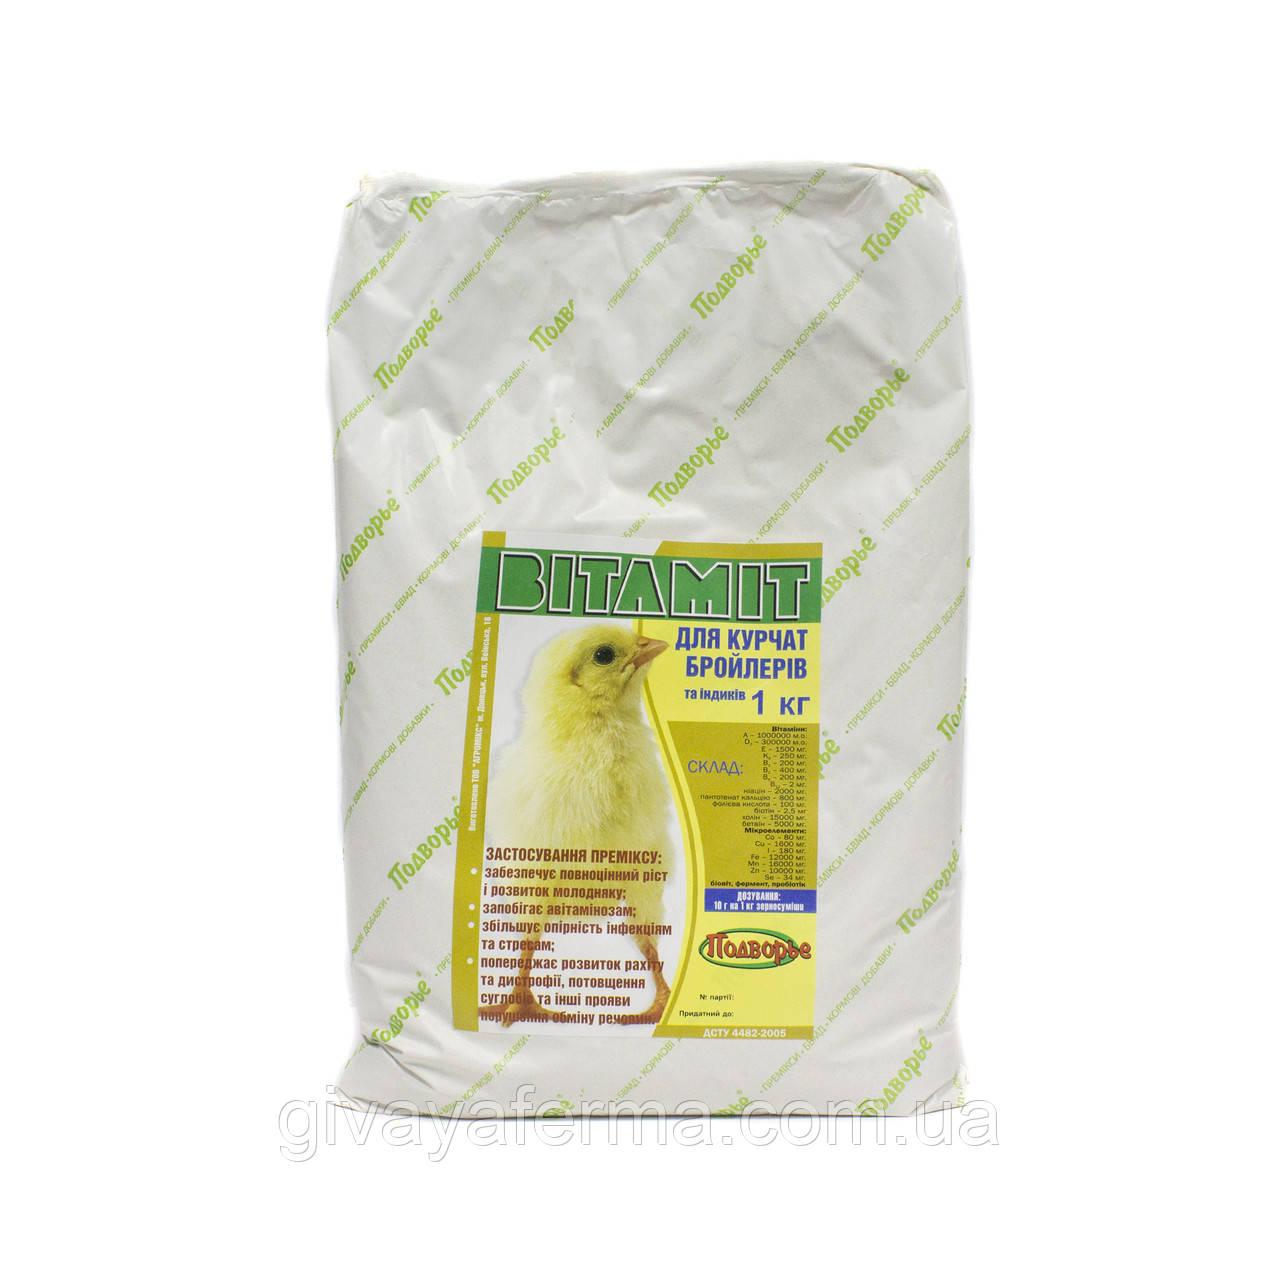 Премикс Витамит - бройлер старт 1%, 1 кг, (цыплята бройлеры, индюшата) витаминно-минеральный комплекс